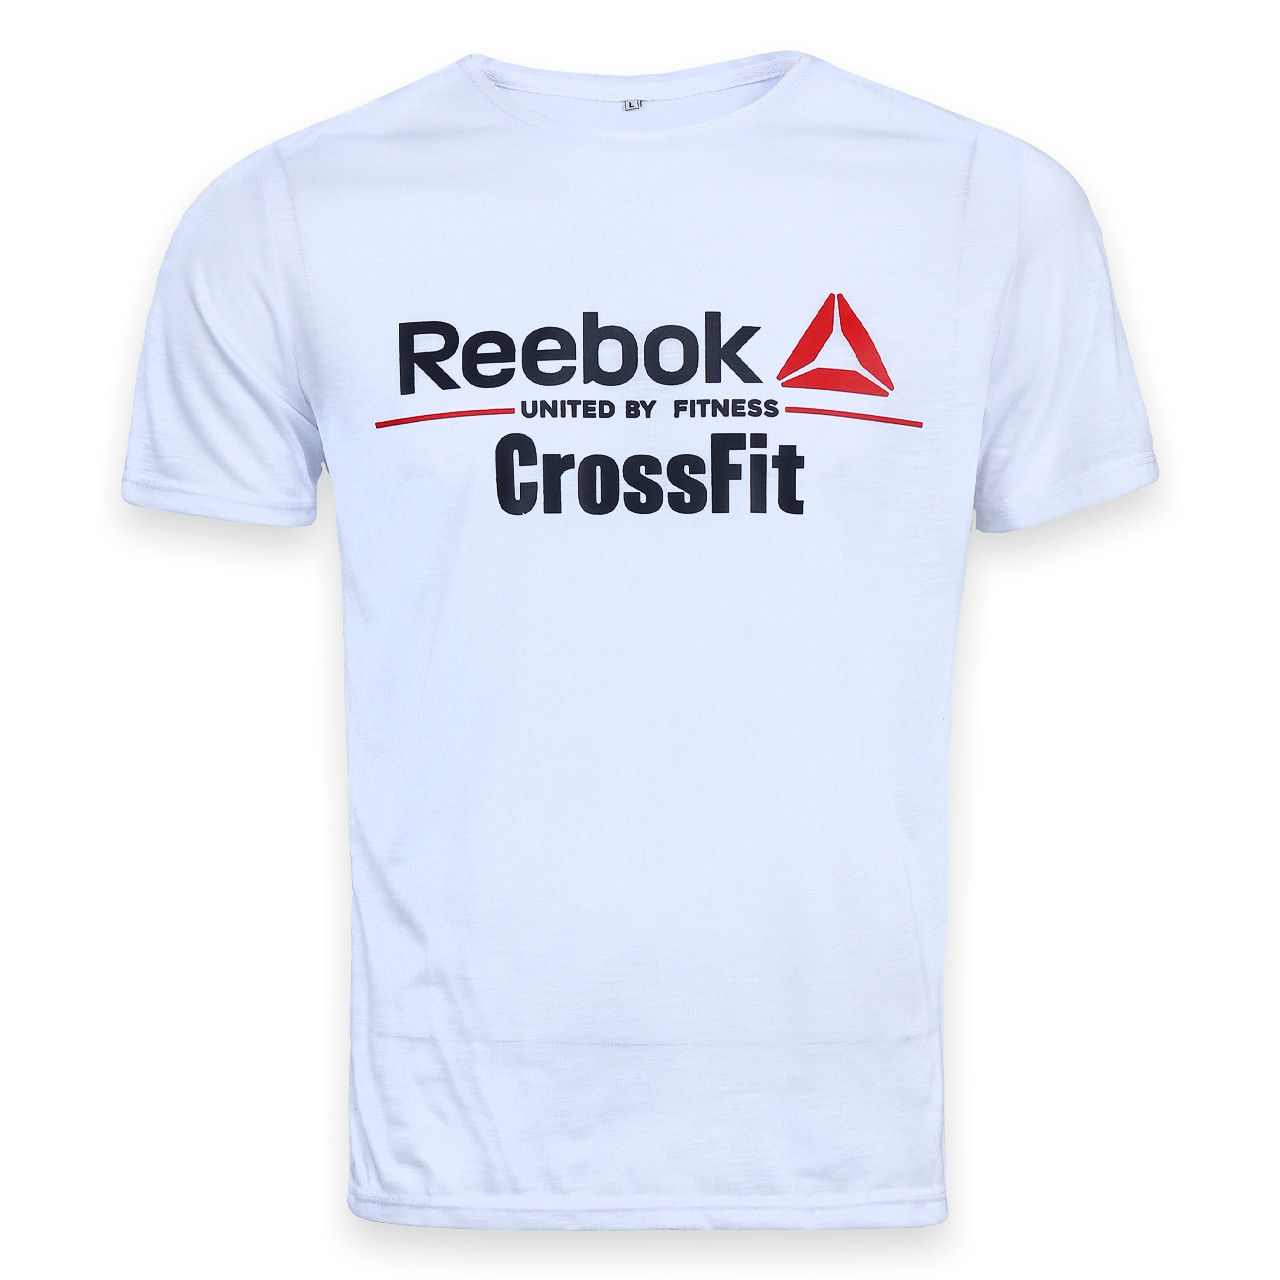 Футболка спортивная белый REEBOK CROSSFIT Ф-10 WHT S(Р) 18-902-020